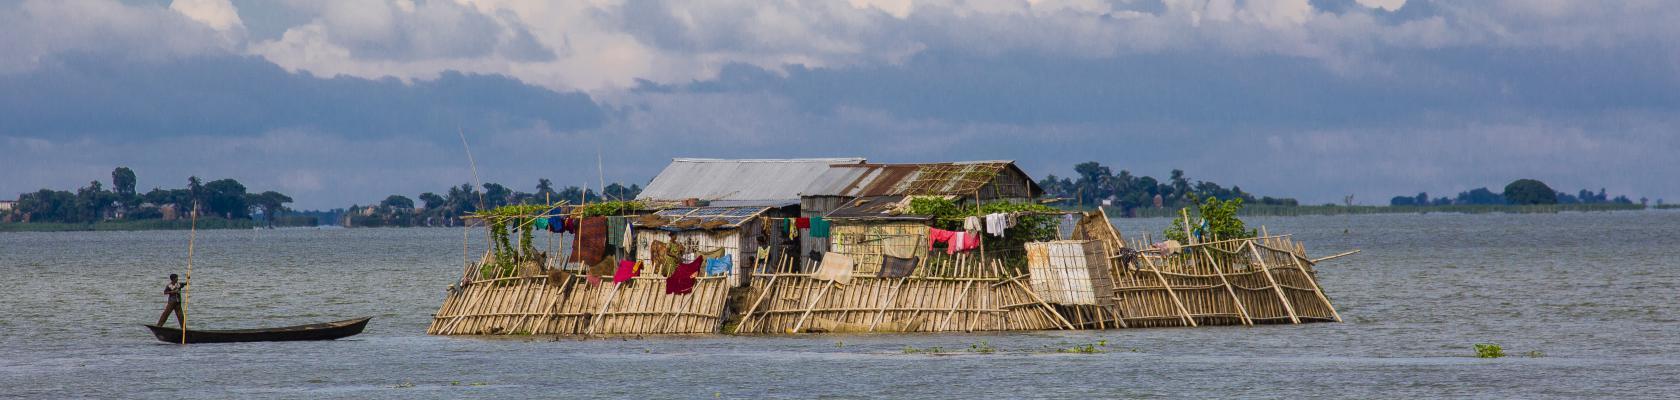 Le village inondé de Shohila, Bangladesh